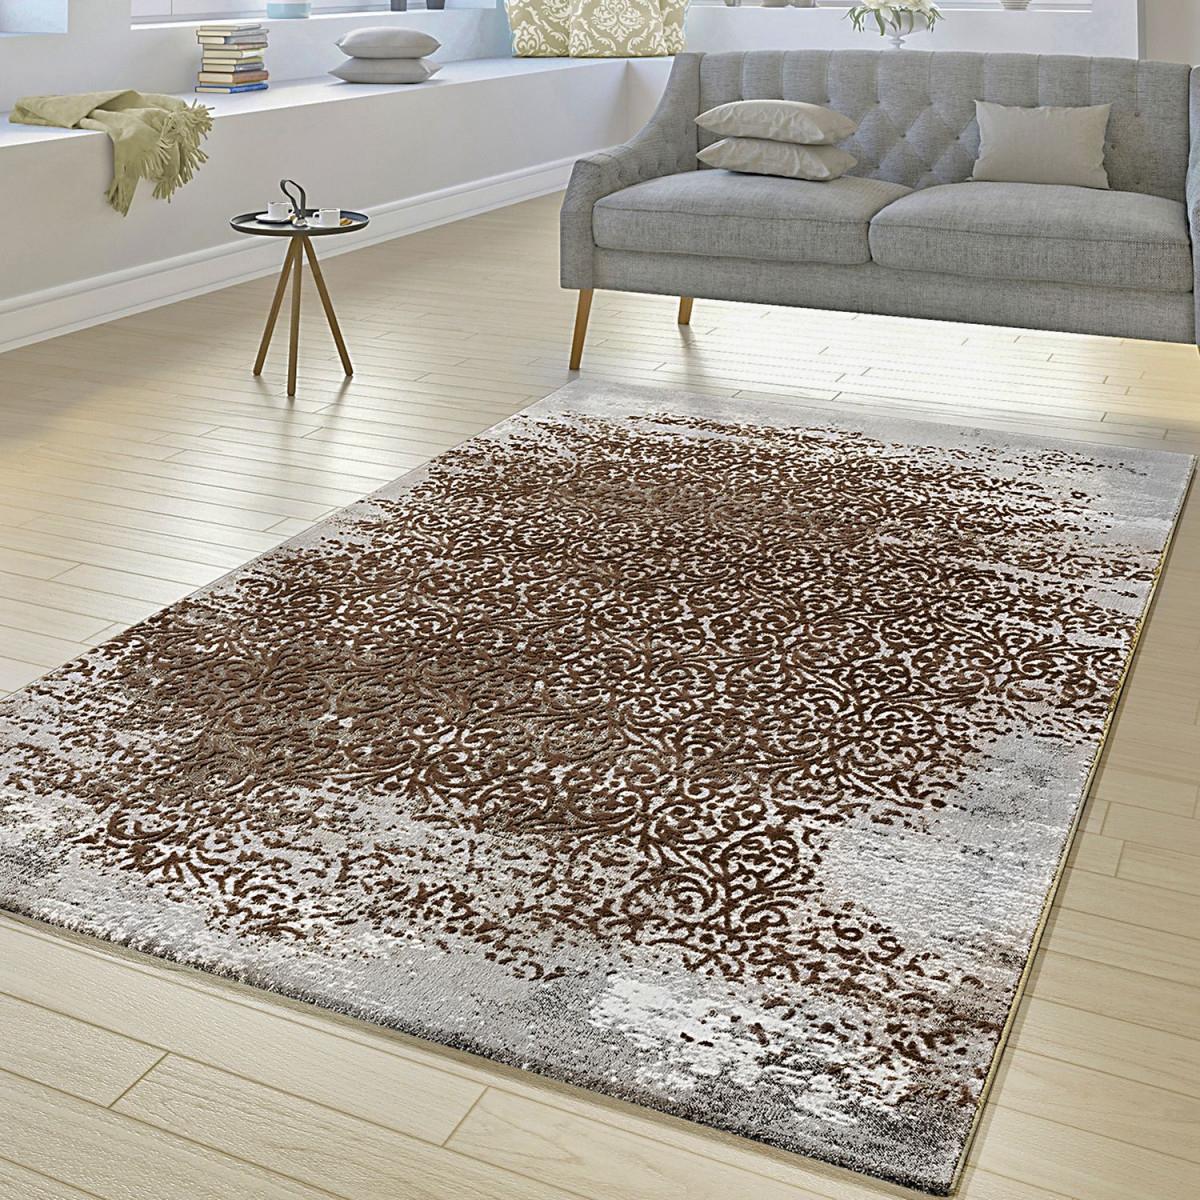 Teppich Wohnzimmer Modern – Caseconrad von Teppich Wohnzimmer Modern Bild